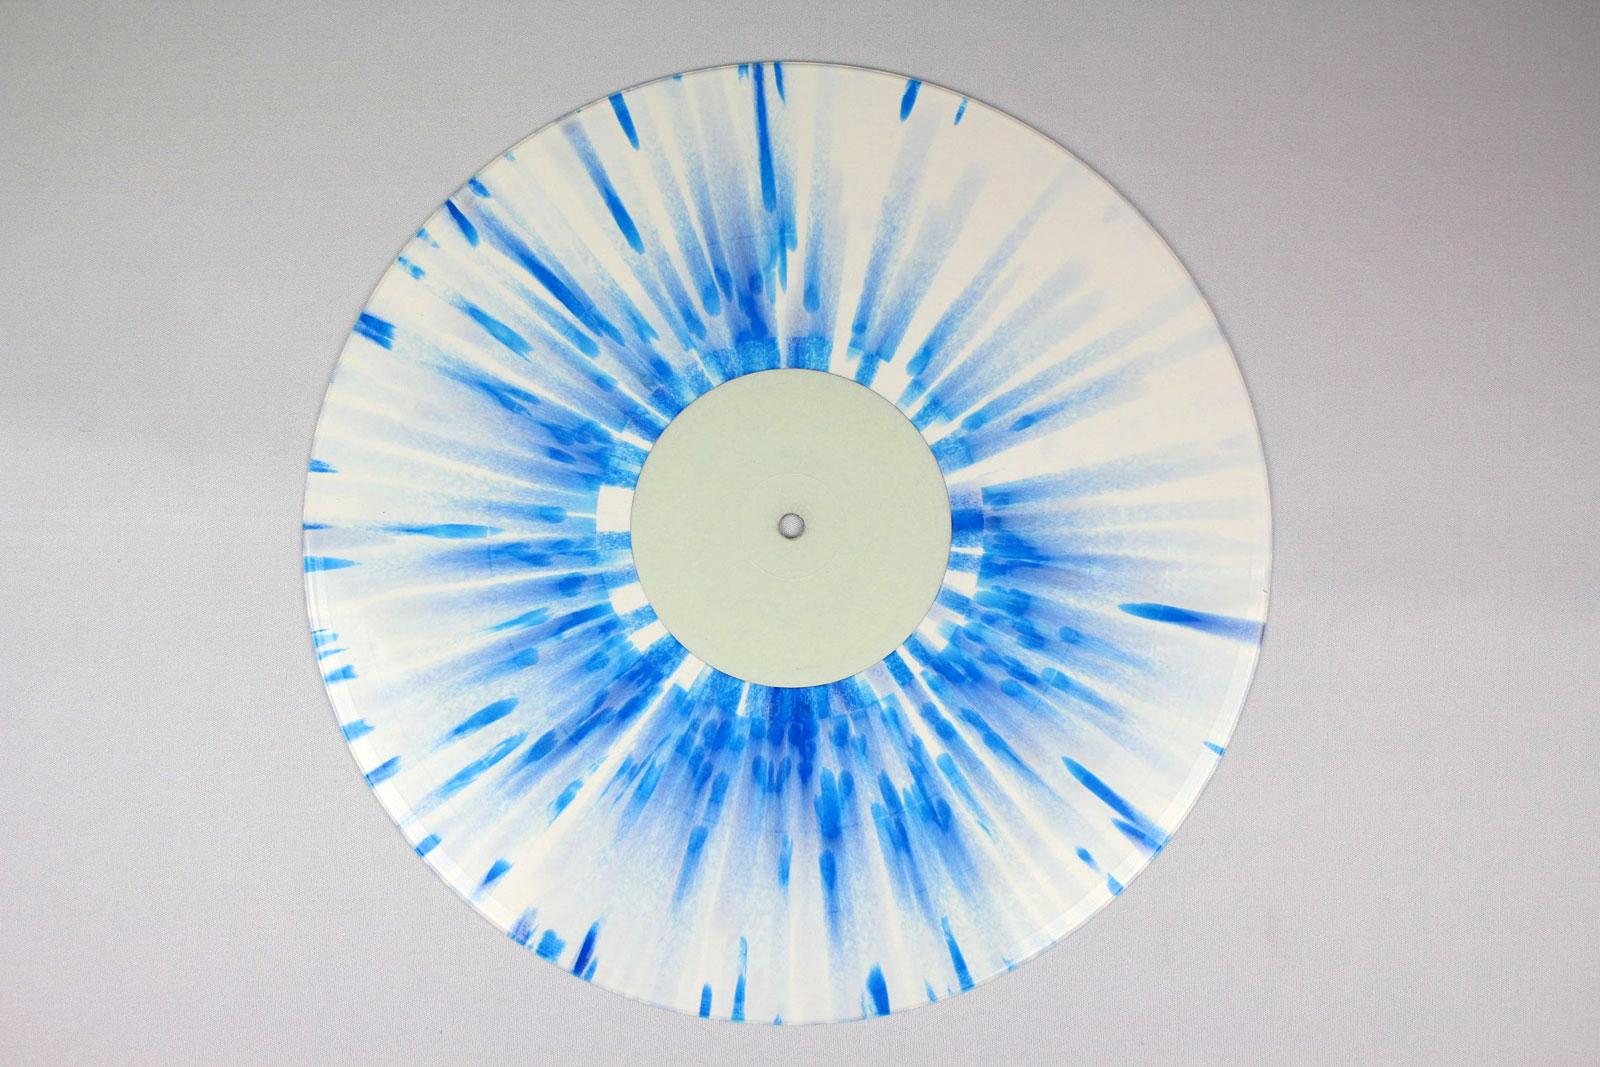 70% white + 30% clear / Splatter: blue